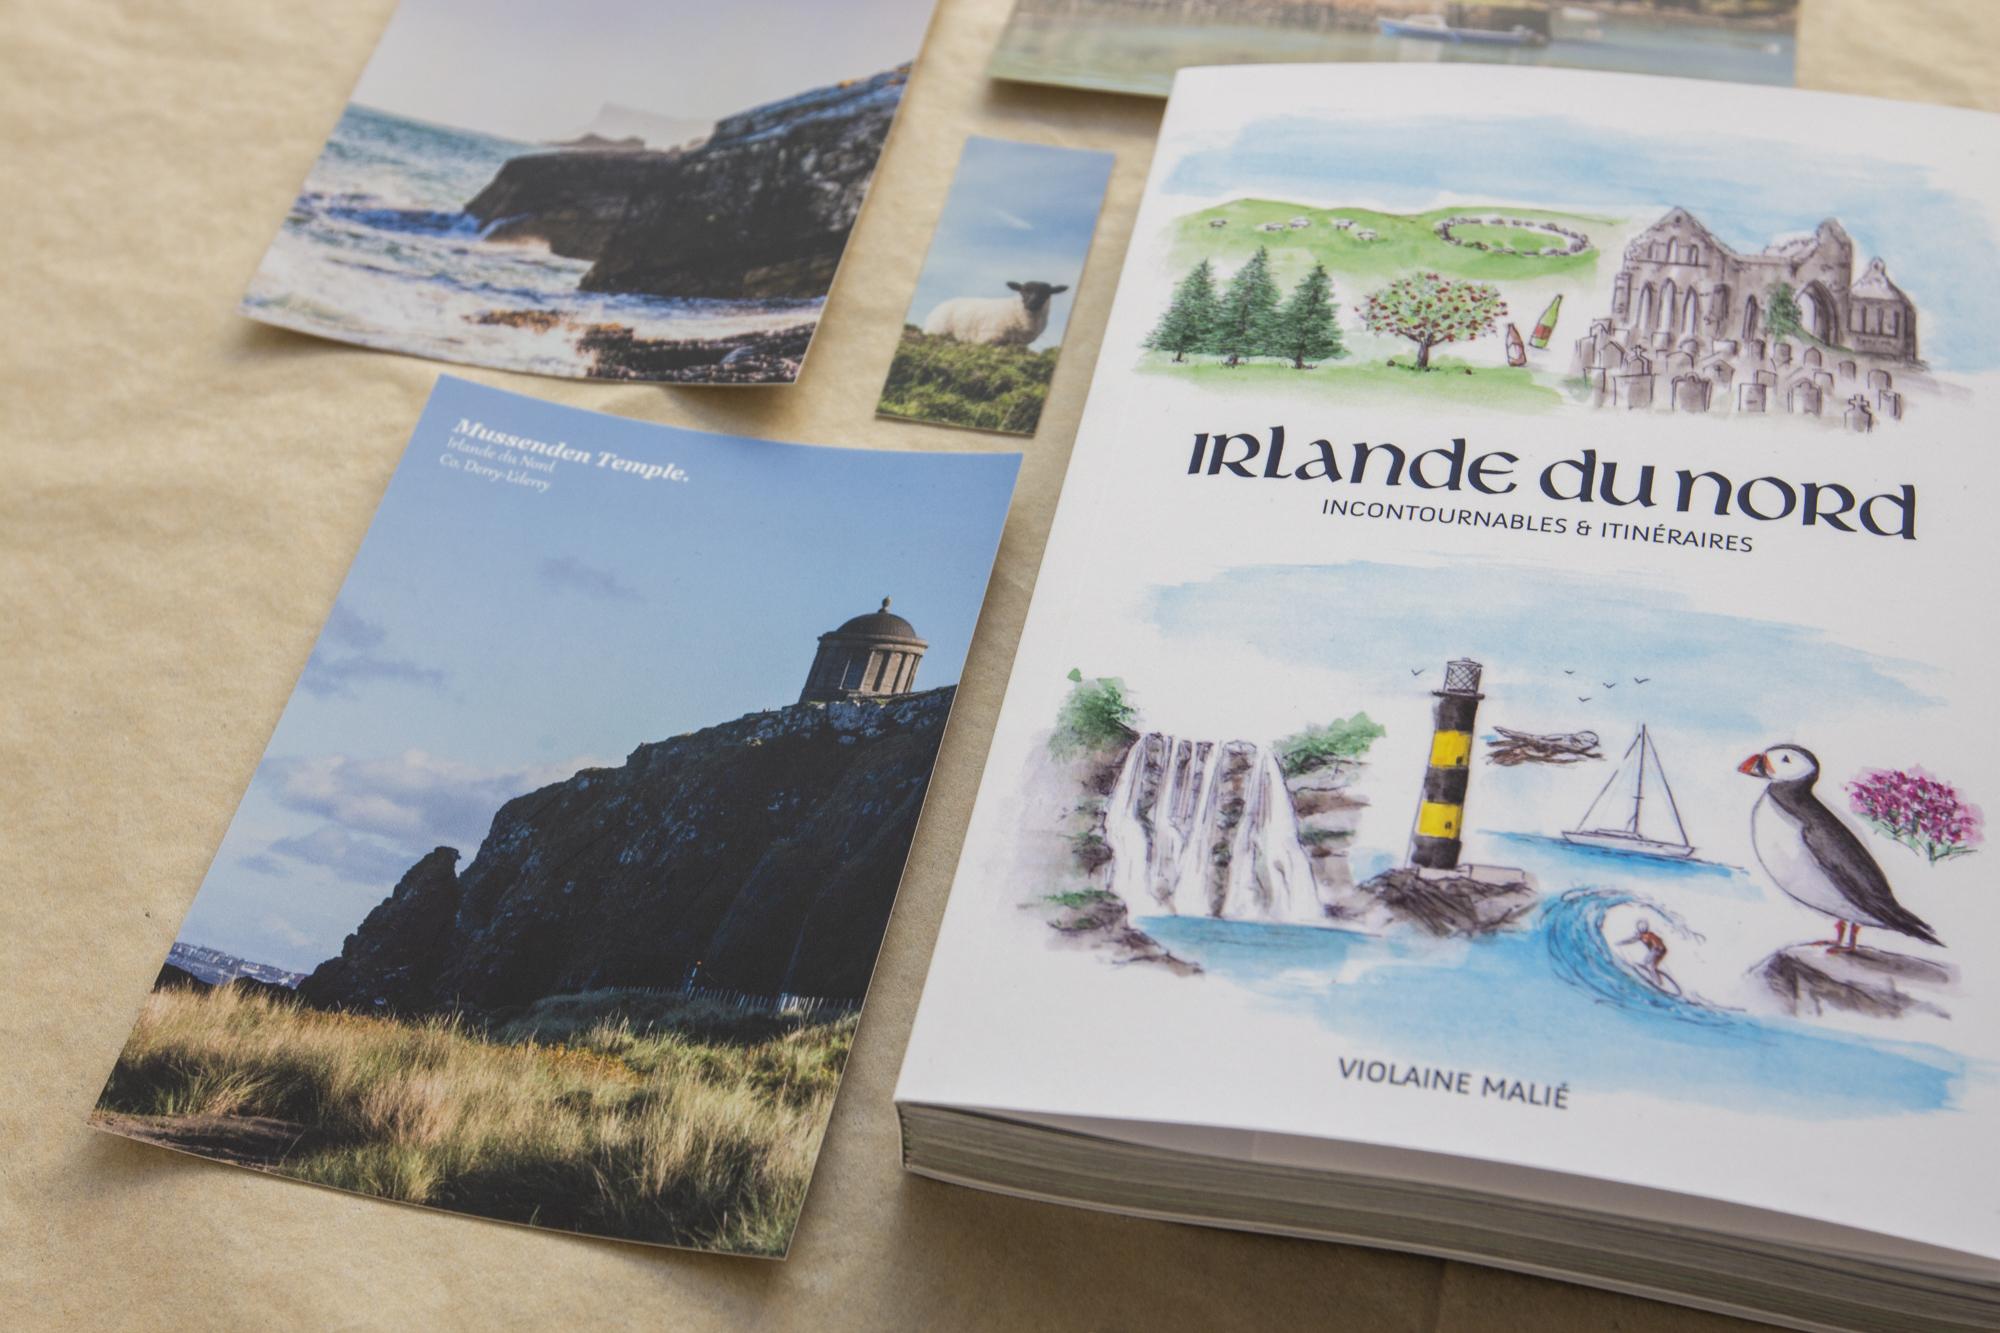 Irlande du Nord : incontournables et itinéraires